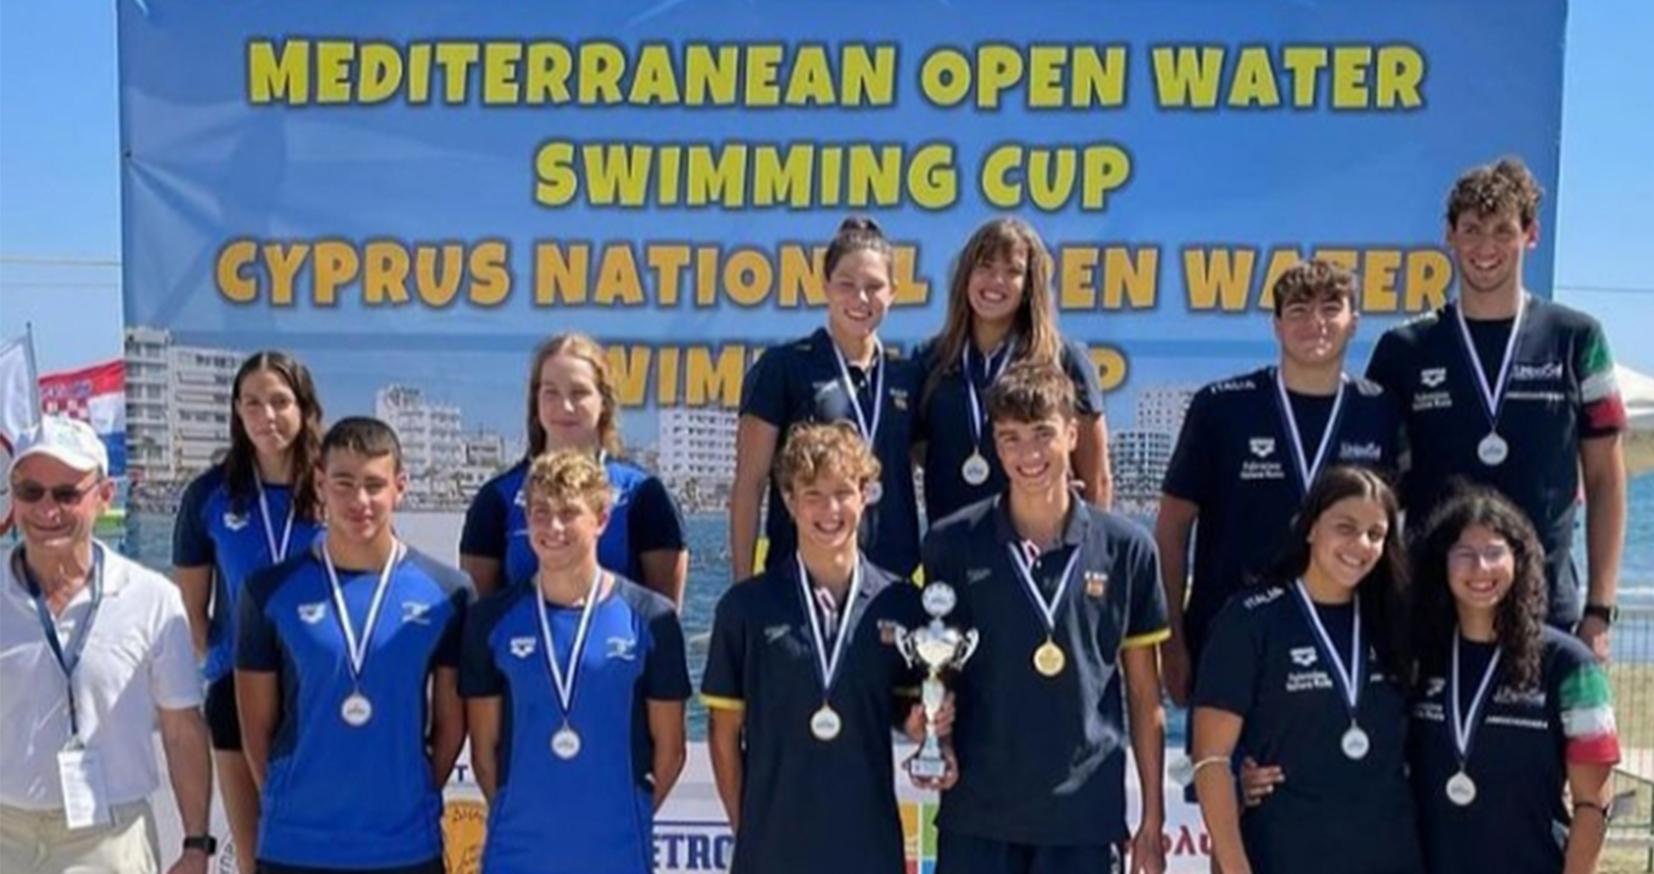 Sara Micó y la selección española ganan el campeonato europeo Copa COMEN de natación en Aguas Abiertas